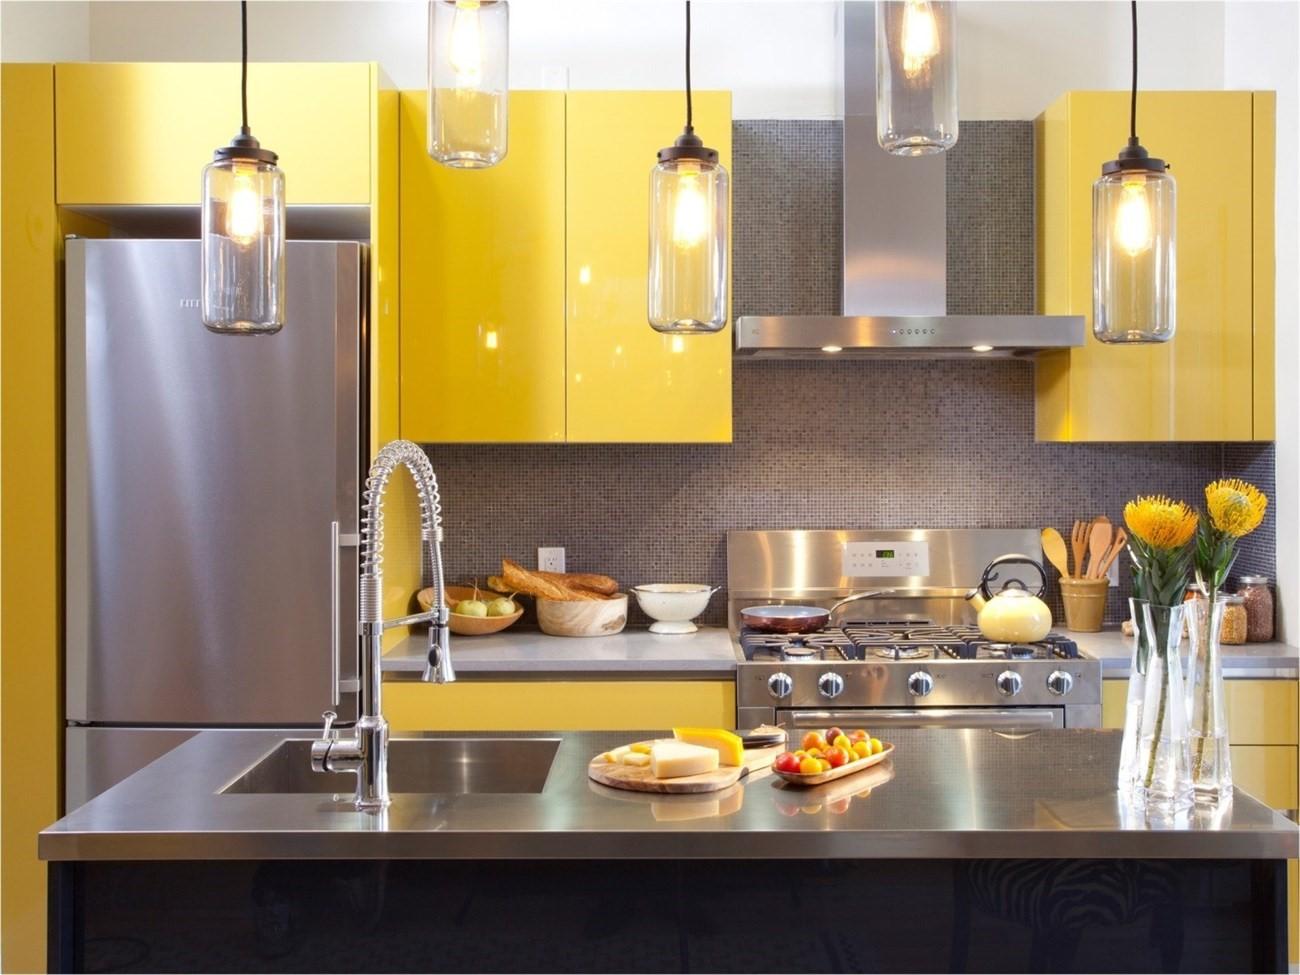 những mẫu tủ bếp được thiết kế đẹp nhất